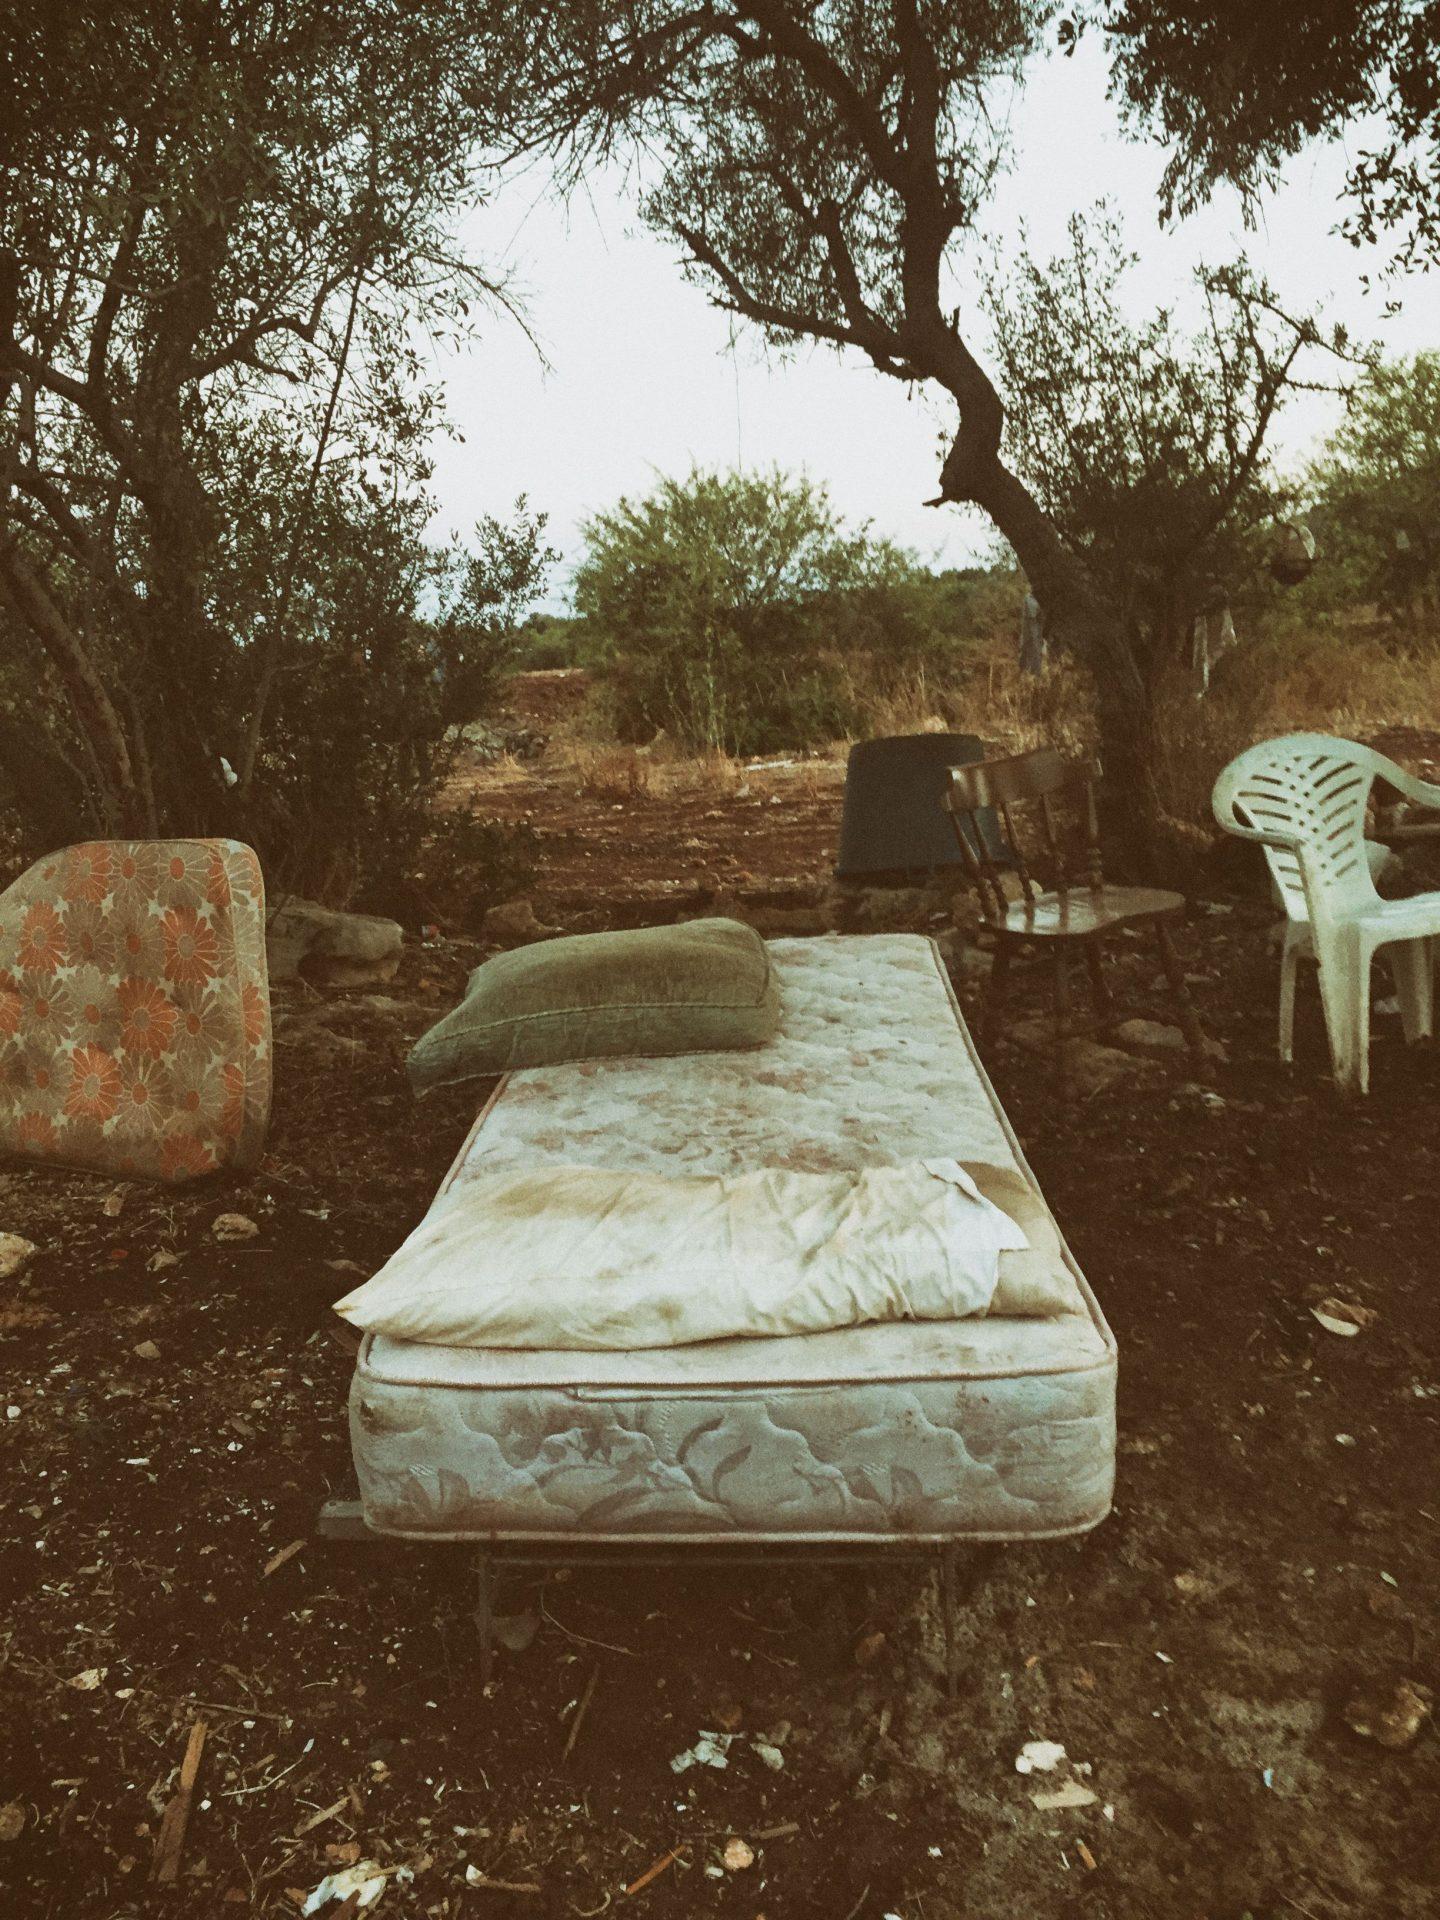 Ein Bett unter freiem Himmel zeugt von den desaströsen Lebensbedingungen